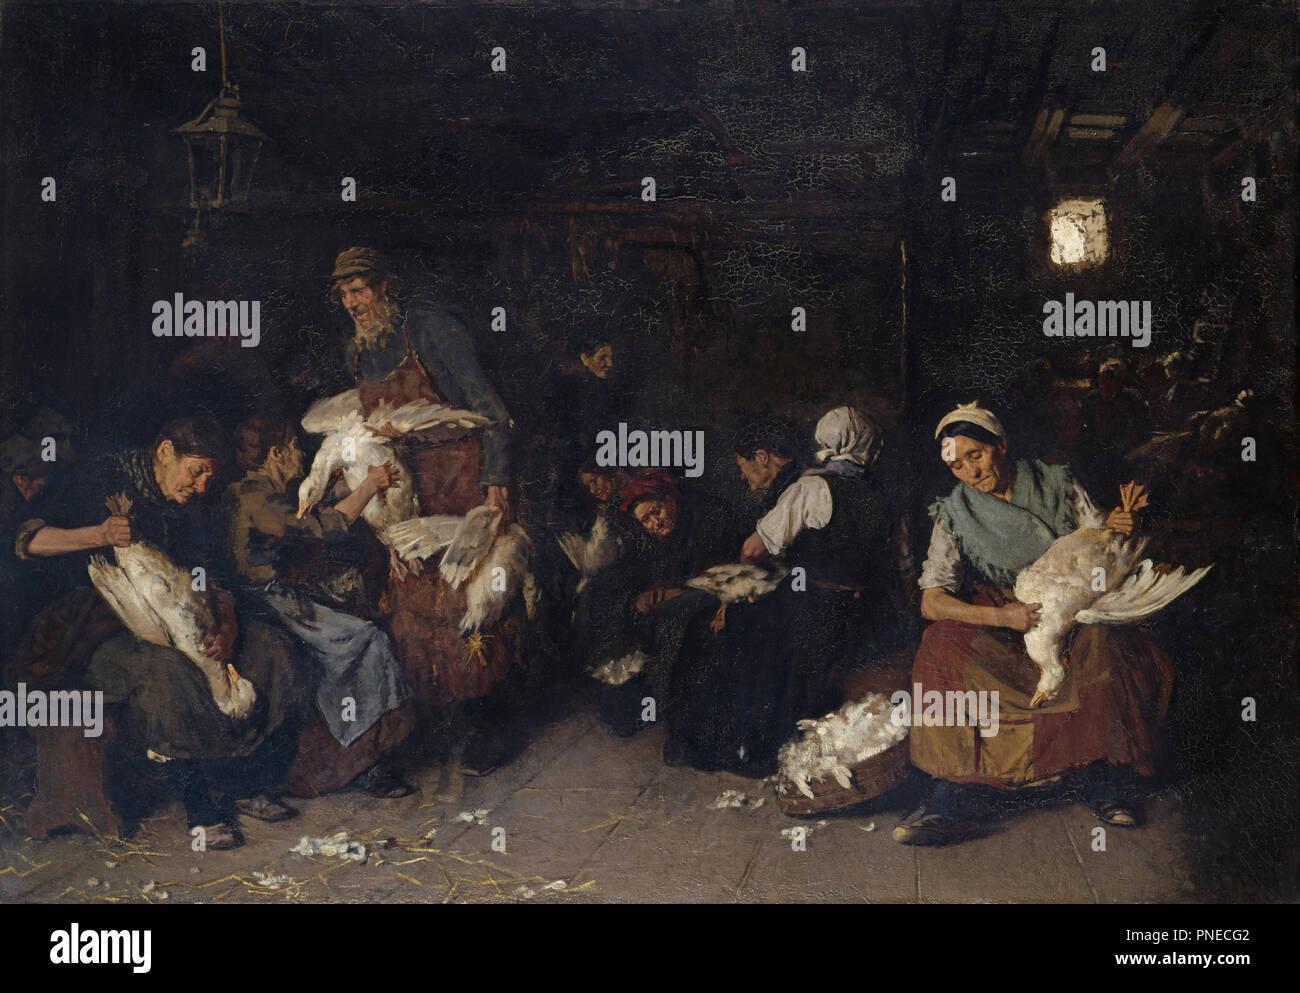 Gänserupferinnen/Frauen zupfen Gänse. Datum/Zeitraum: von 1871 bis 1872. Malerei. Öl auf Leinwand. Höhe: 119,5 cm (47 in); Breite: 170,5 cm (67,1 in). Autor: Max Liebermann. LIEBERMANN, MAX. Stockfoto